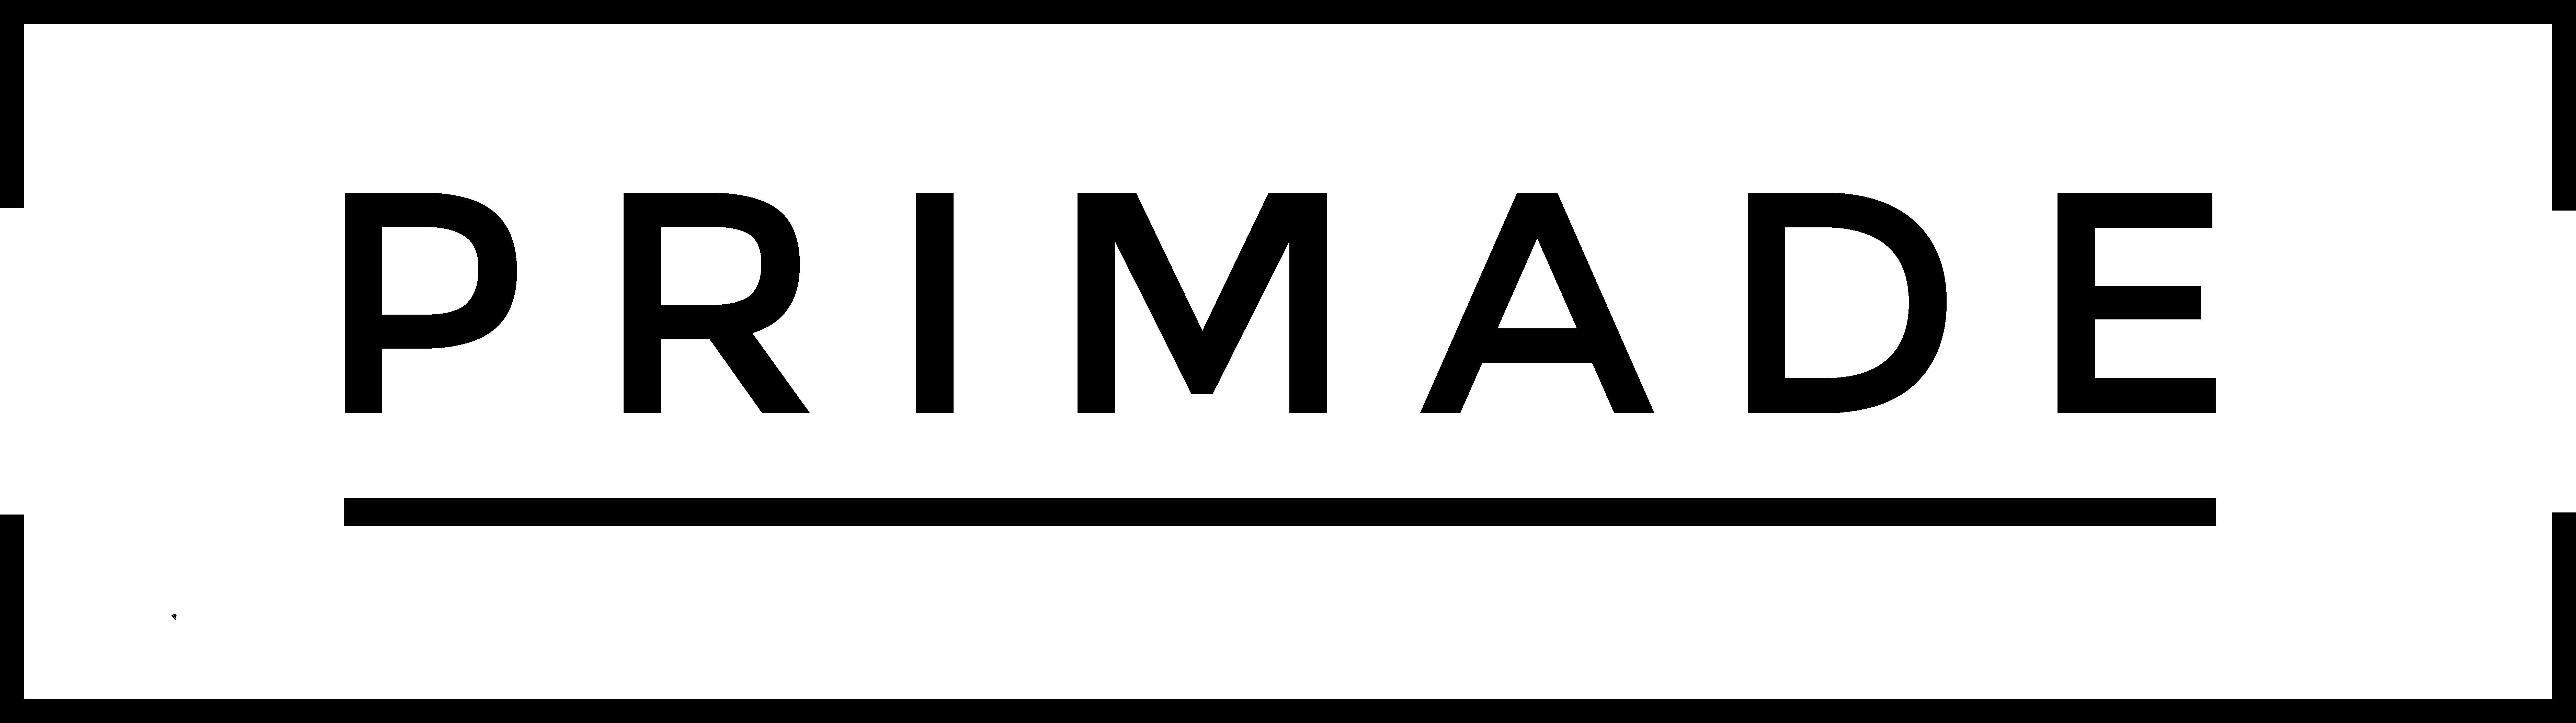 amarRecurso 3